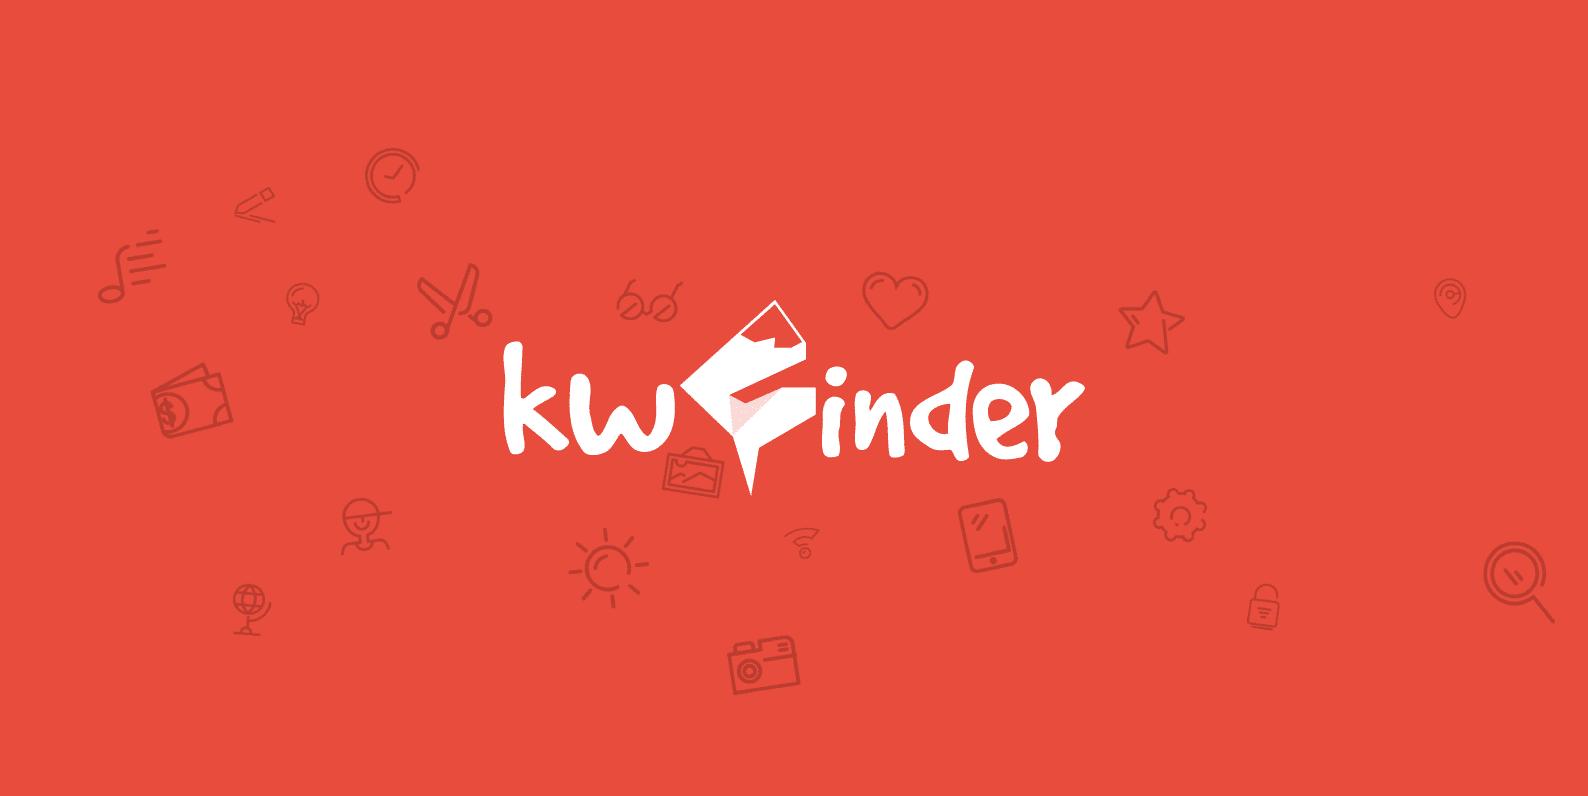 Công cụ nghiên cứu từ khóa Kwfineder.com